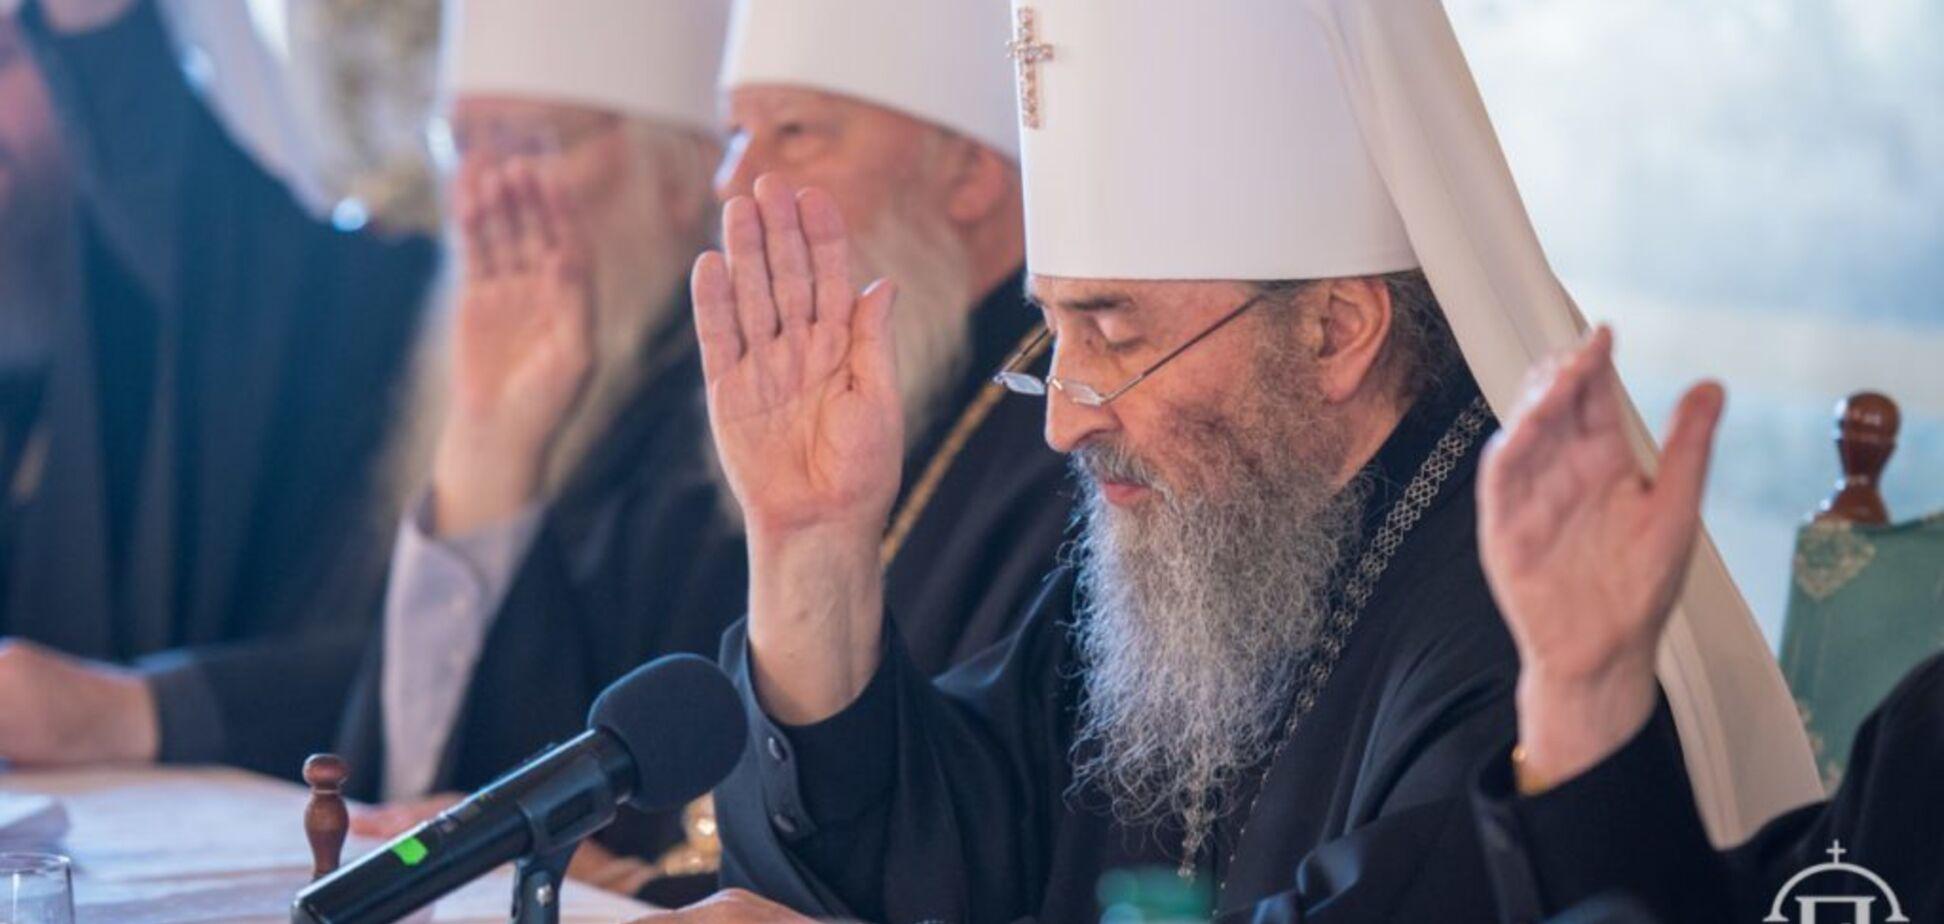 УПЦ МП предрекли ''трагическую'' судьбу из-за Томоса